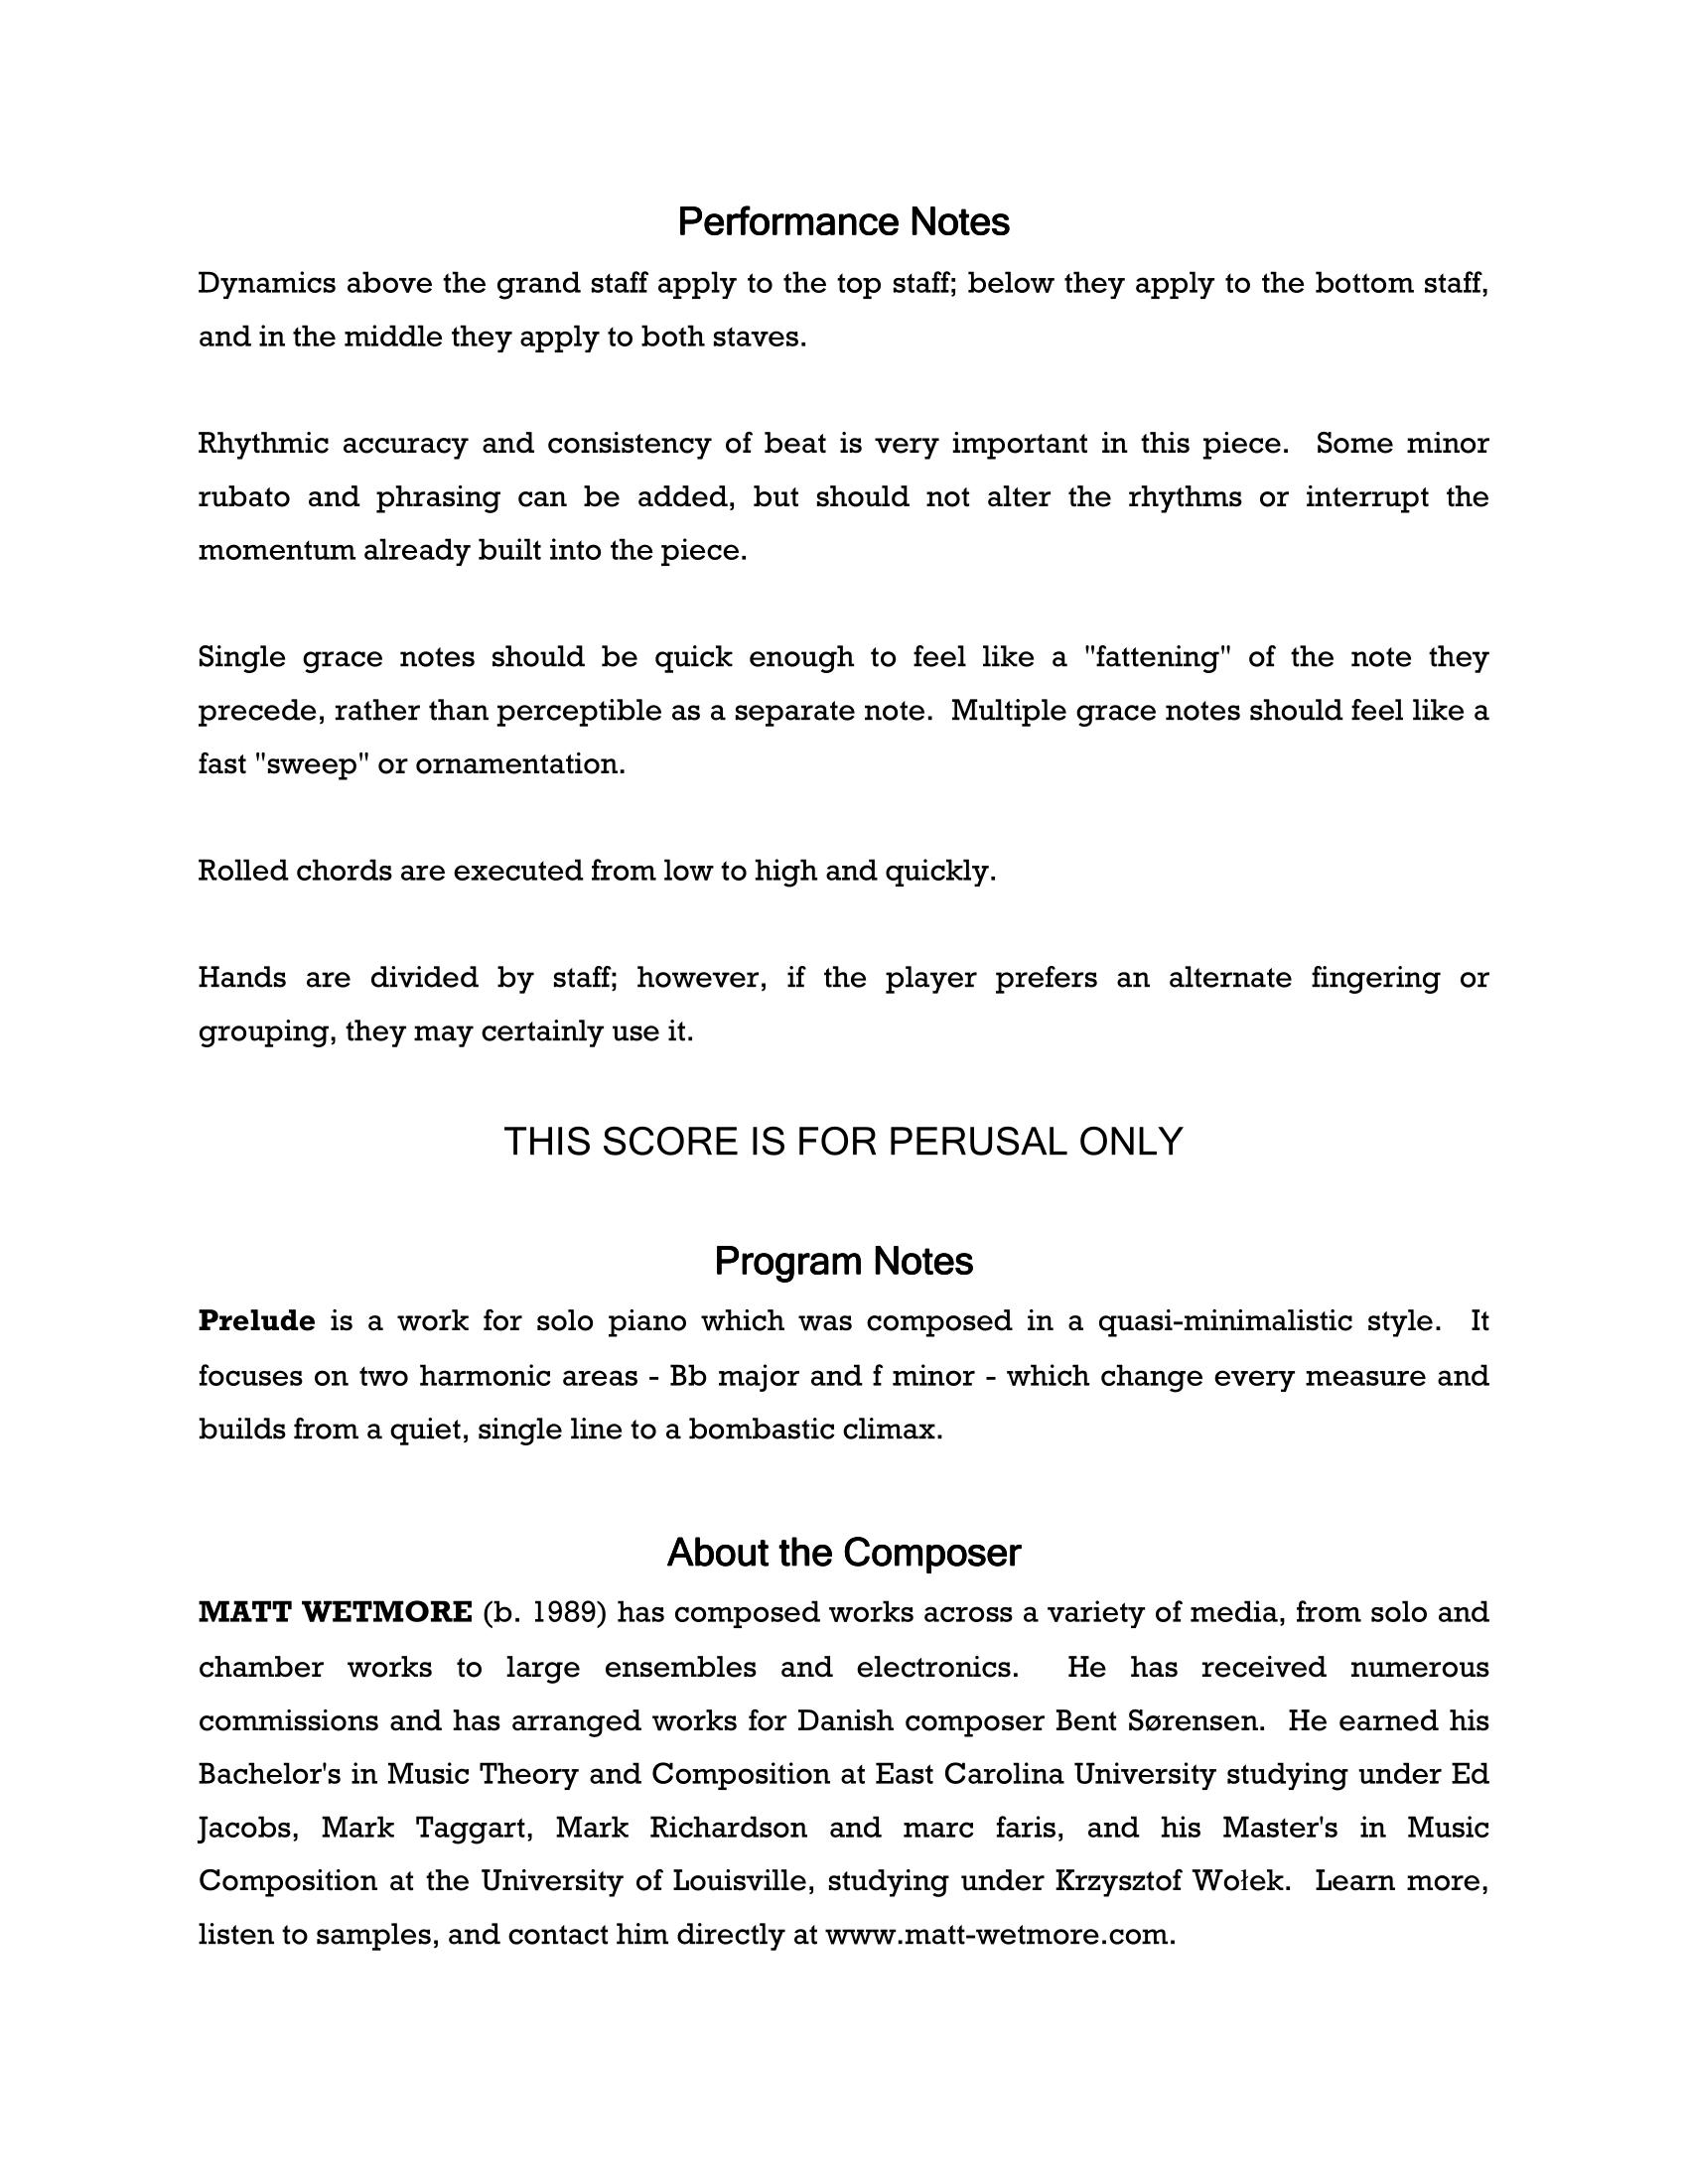 Prelude Perusal-2.png